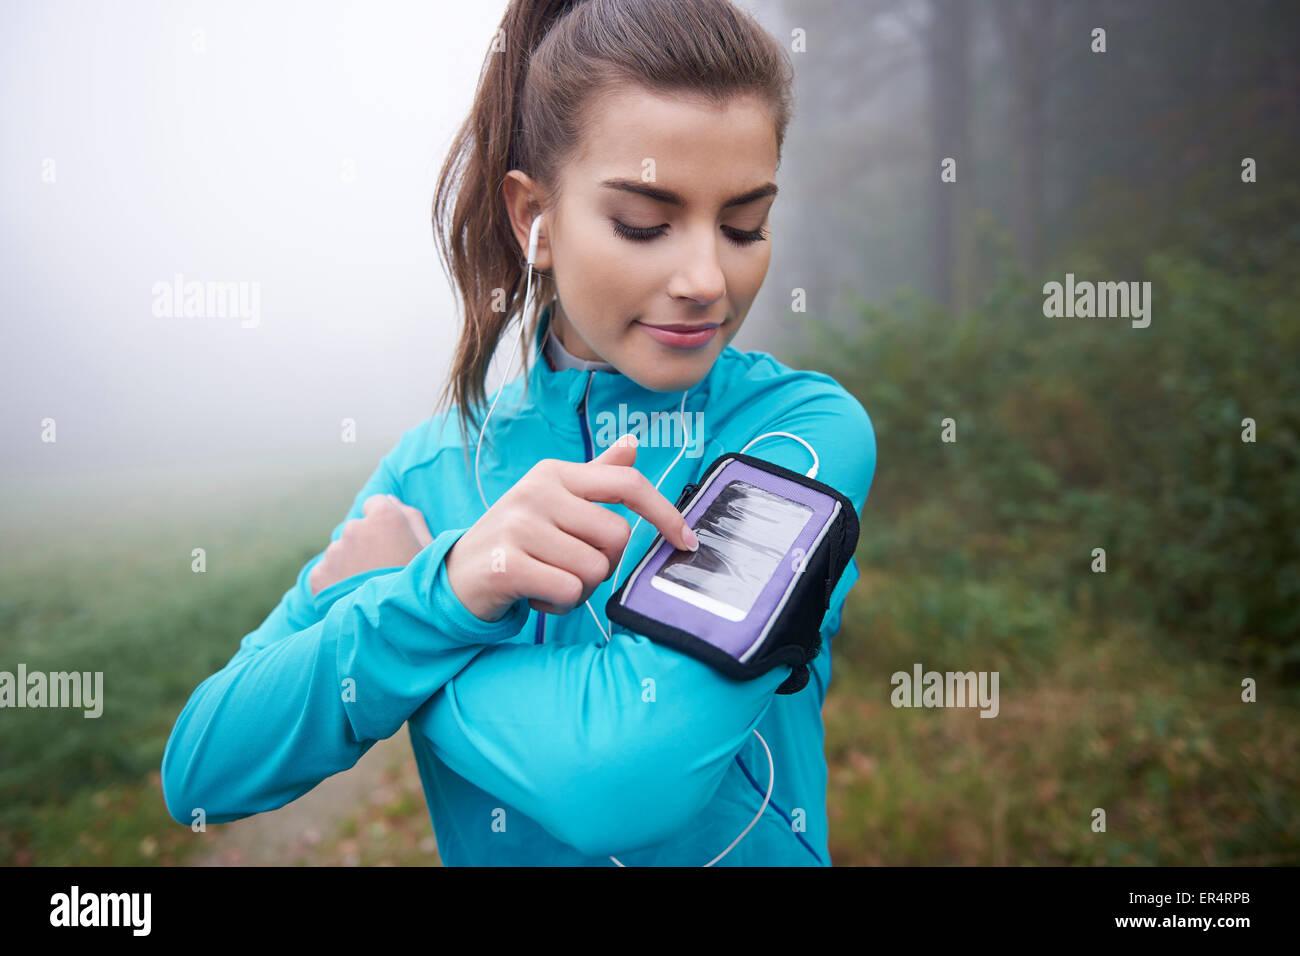 Aplicación contemporánea para la deslizadera en el teléfono móvil. Debica, Polonia Imagen De Stock